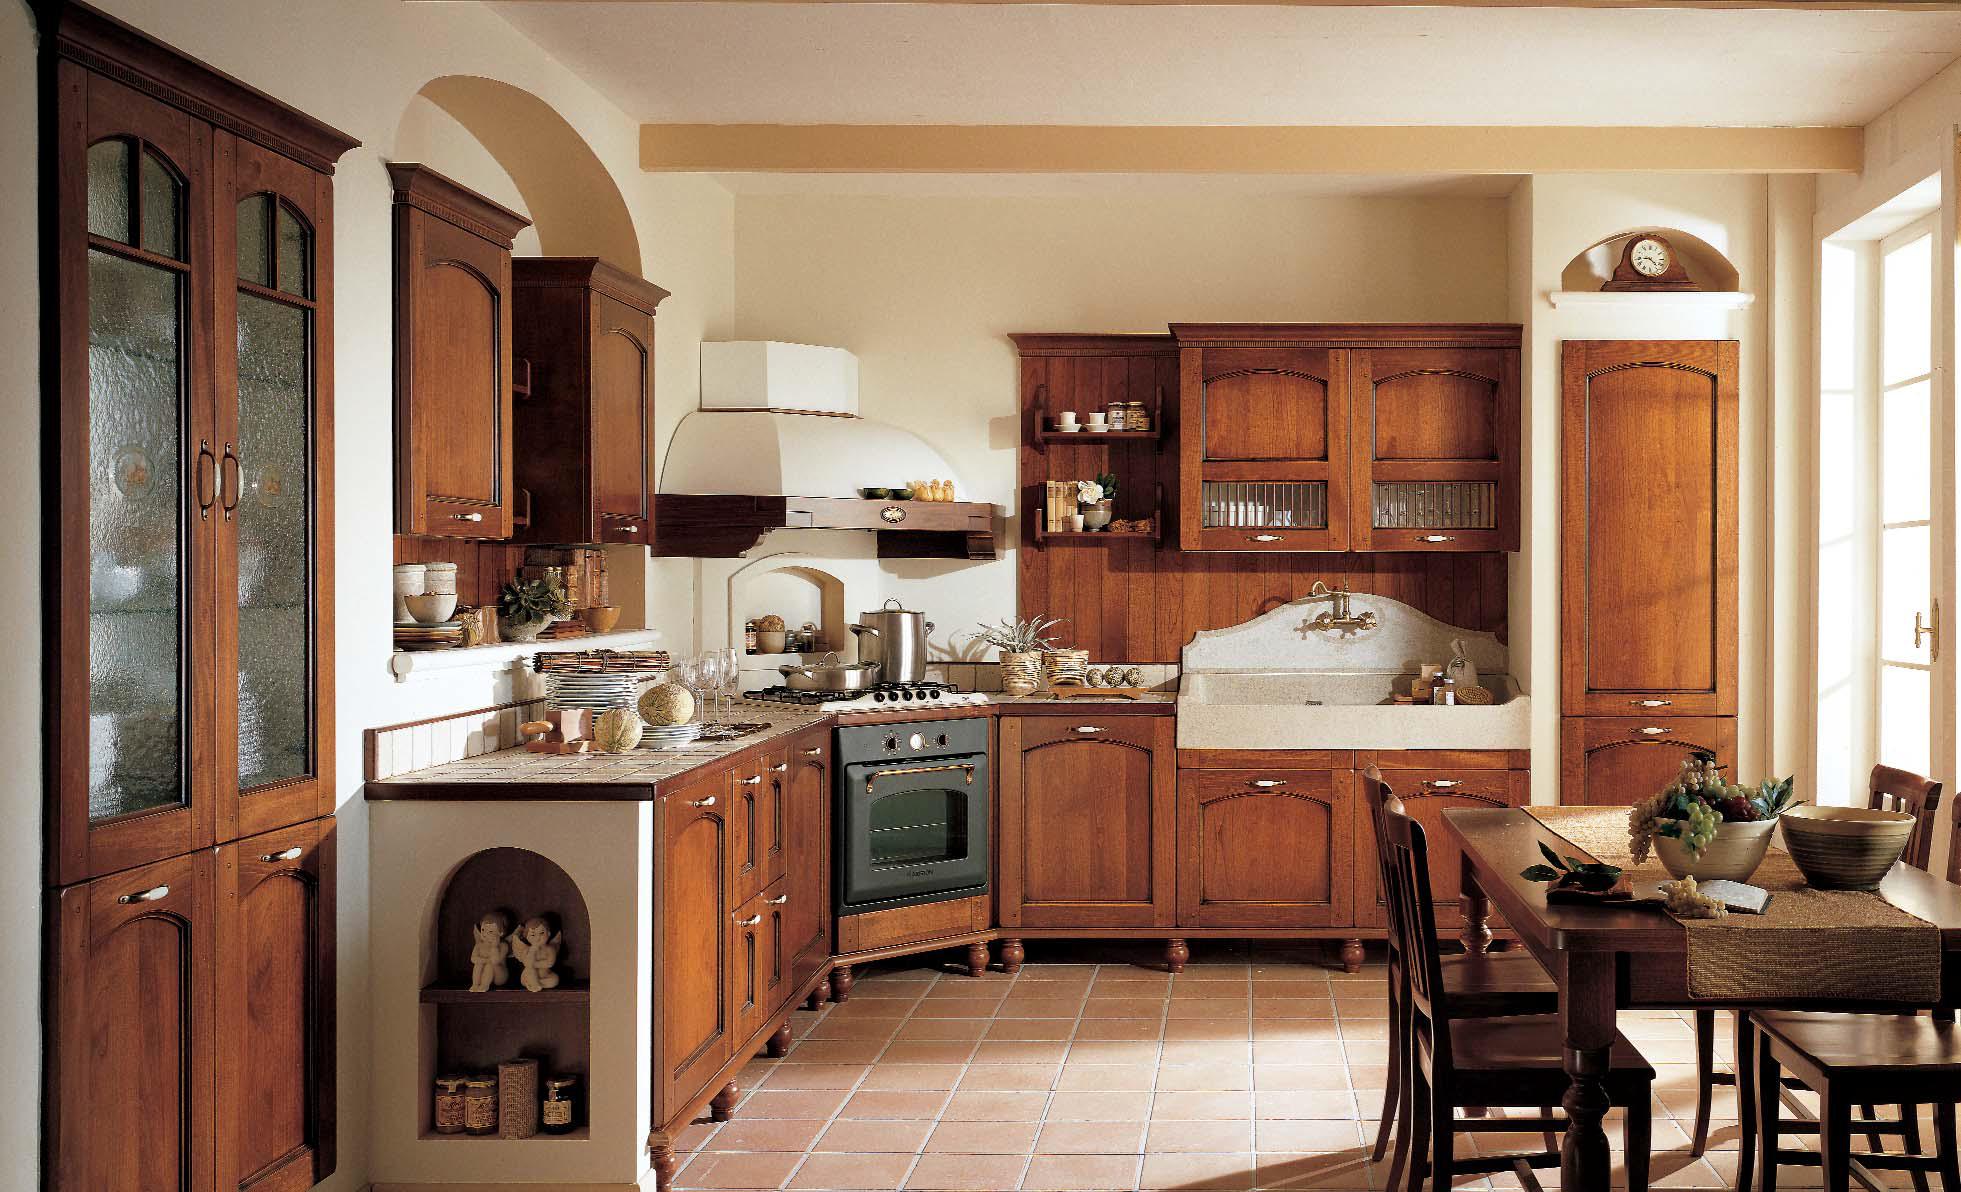 кухни с угловыми вытяжками фото судьи знают